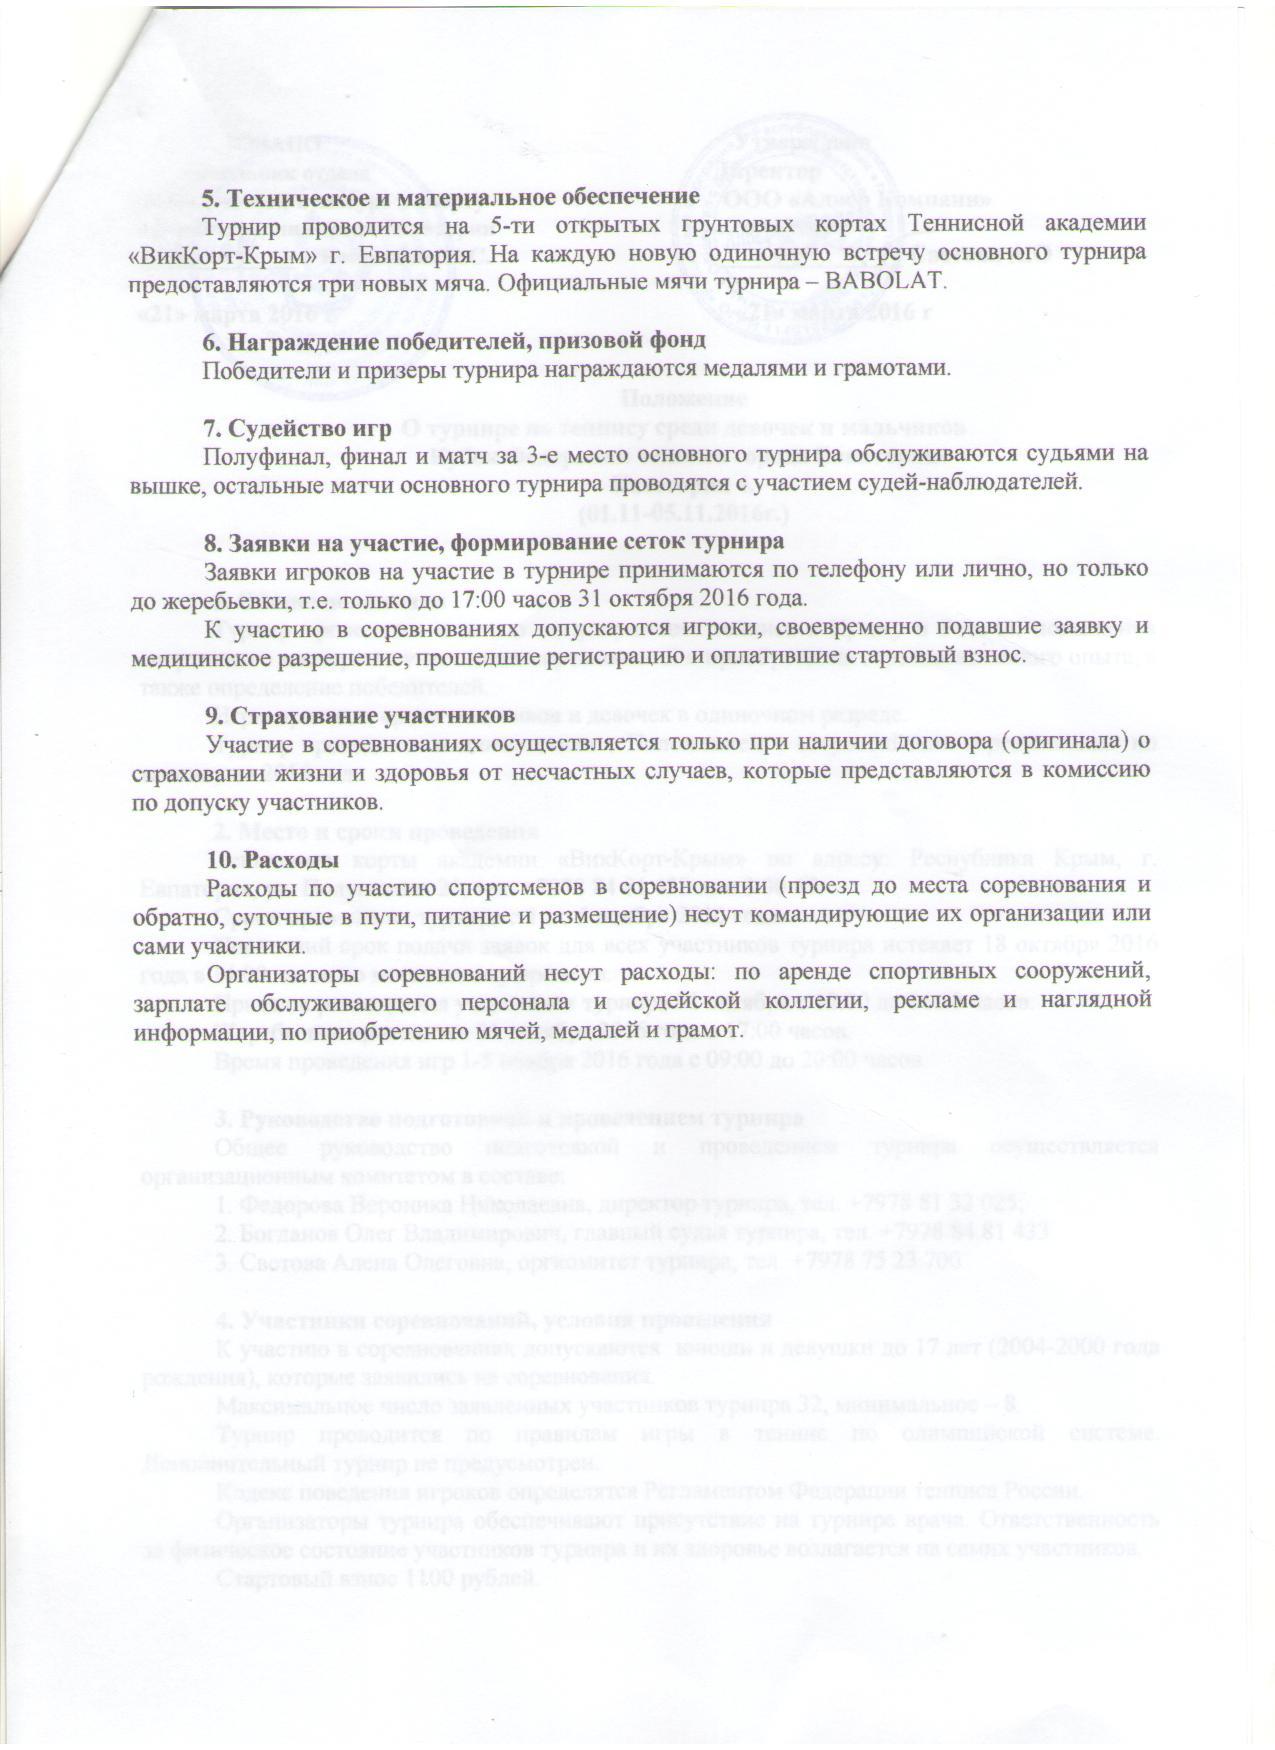 ПОЛОЖЕНИЕ_турнир-0111_2